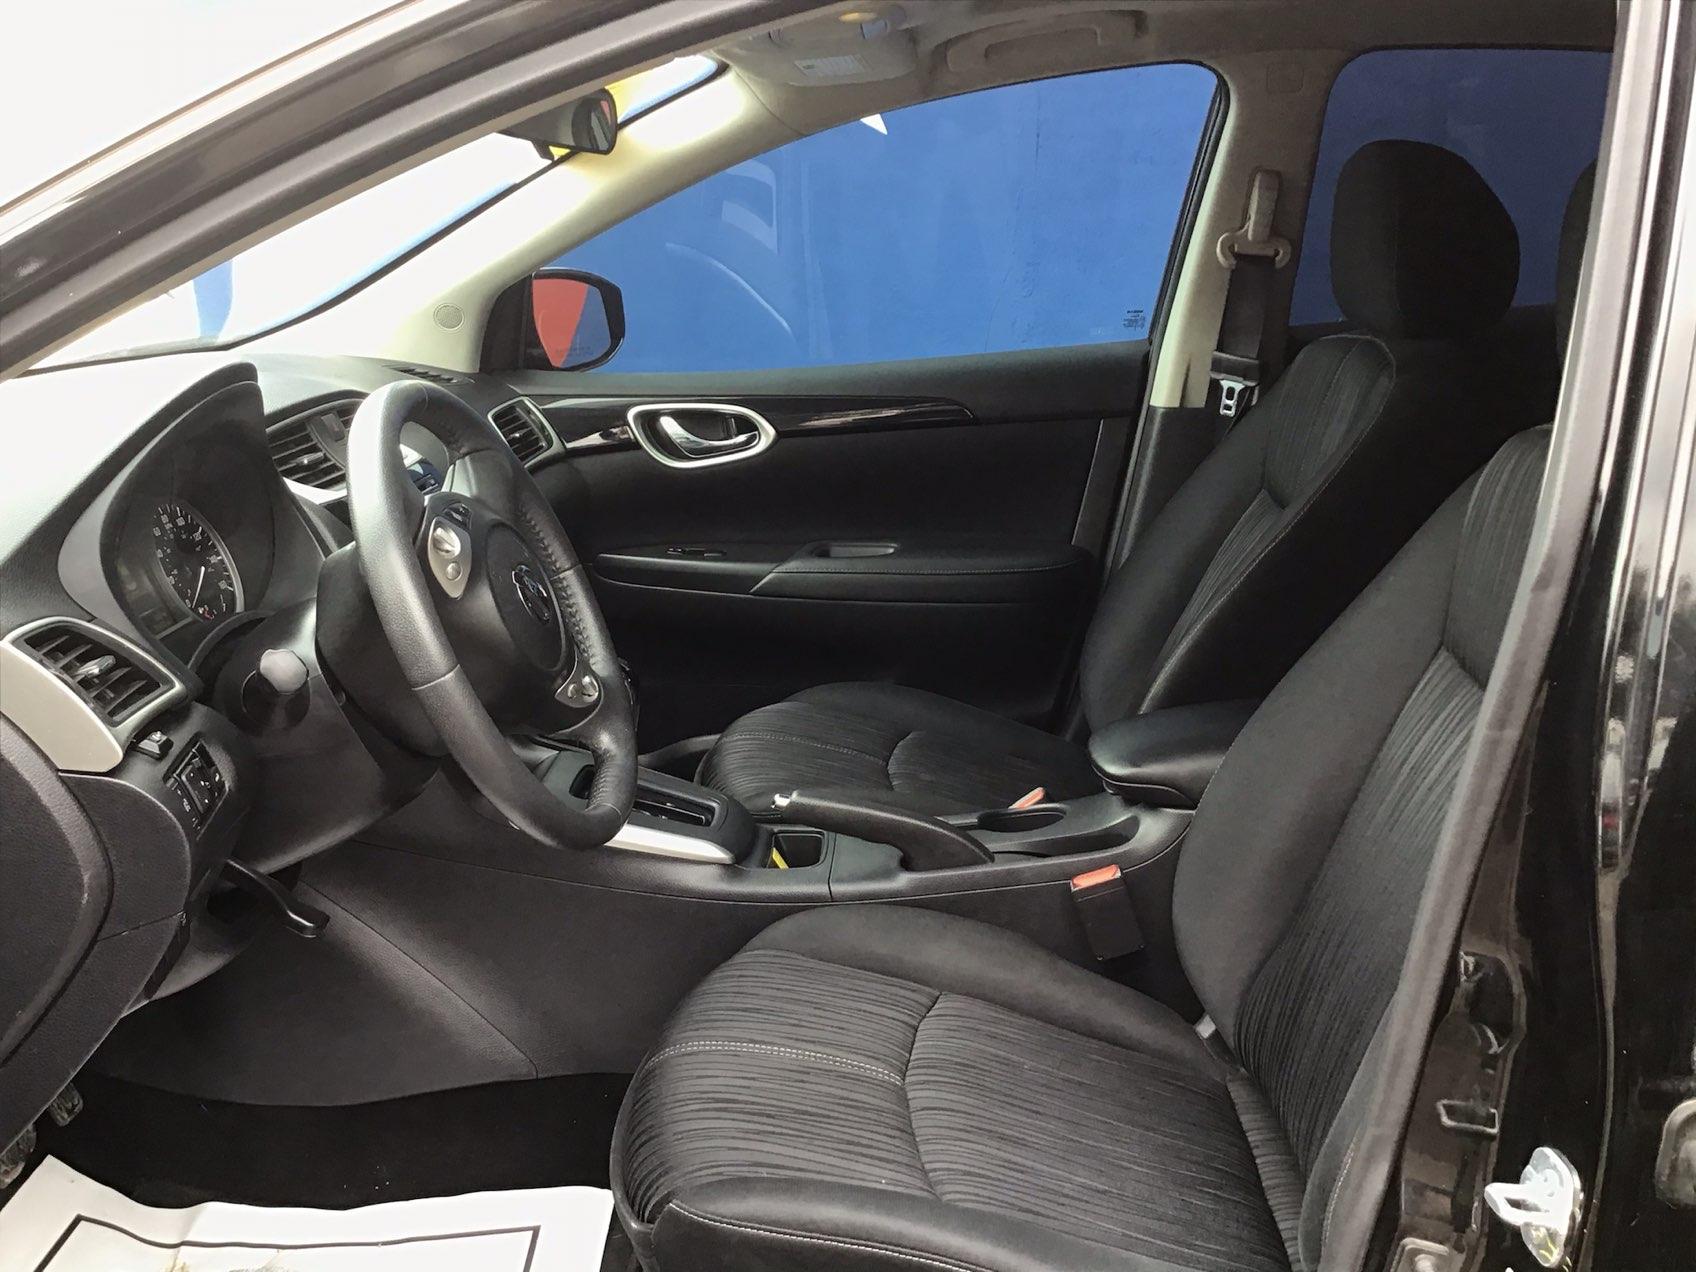 used vehicle - Sedan NISSAN SENTRA 2017